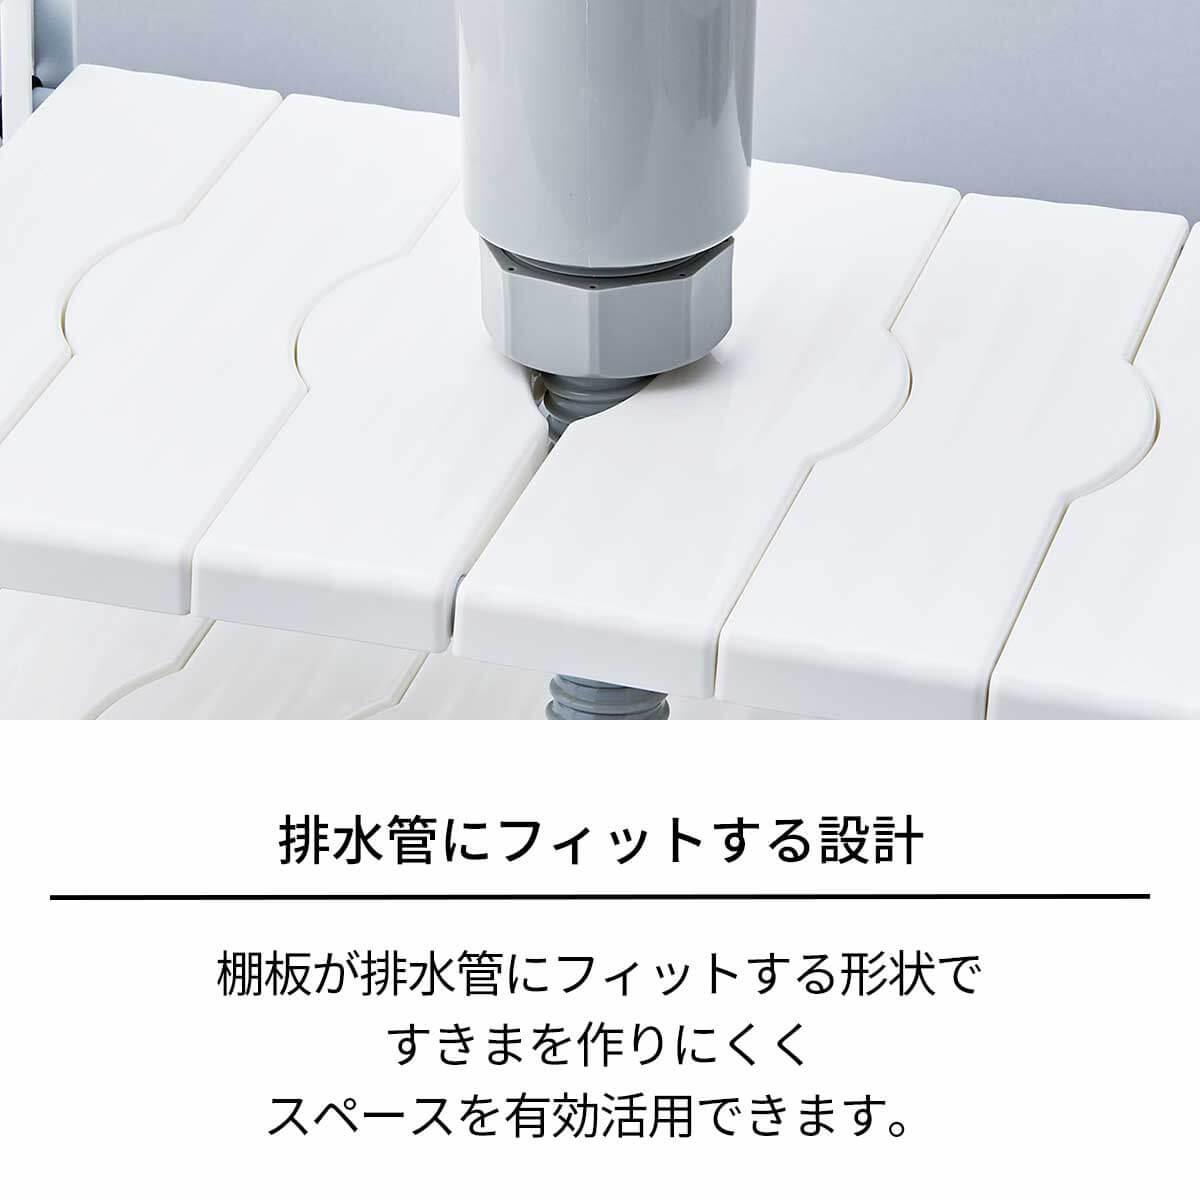 ファビエ シンク下伸縮式ラック(ショート) すっきり整頓シリーズ